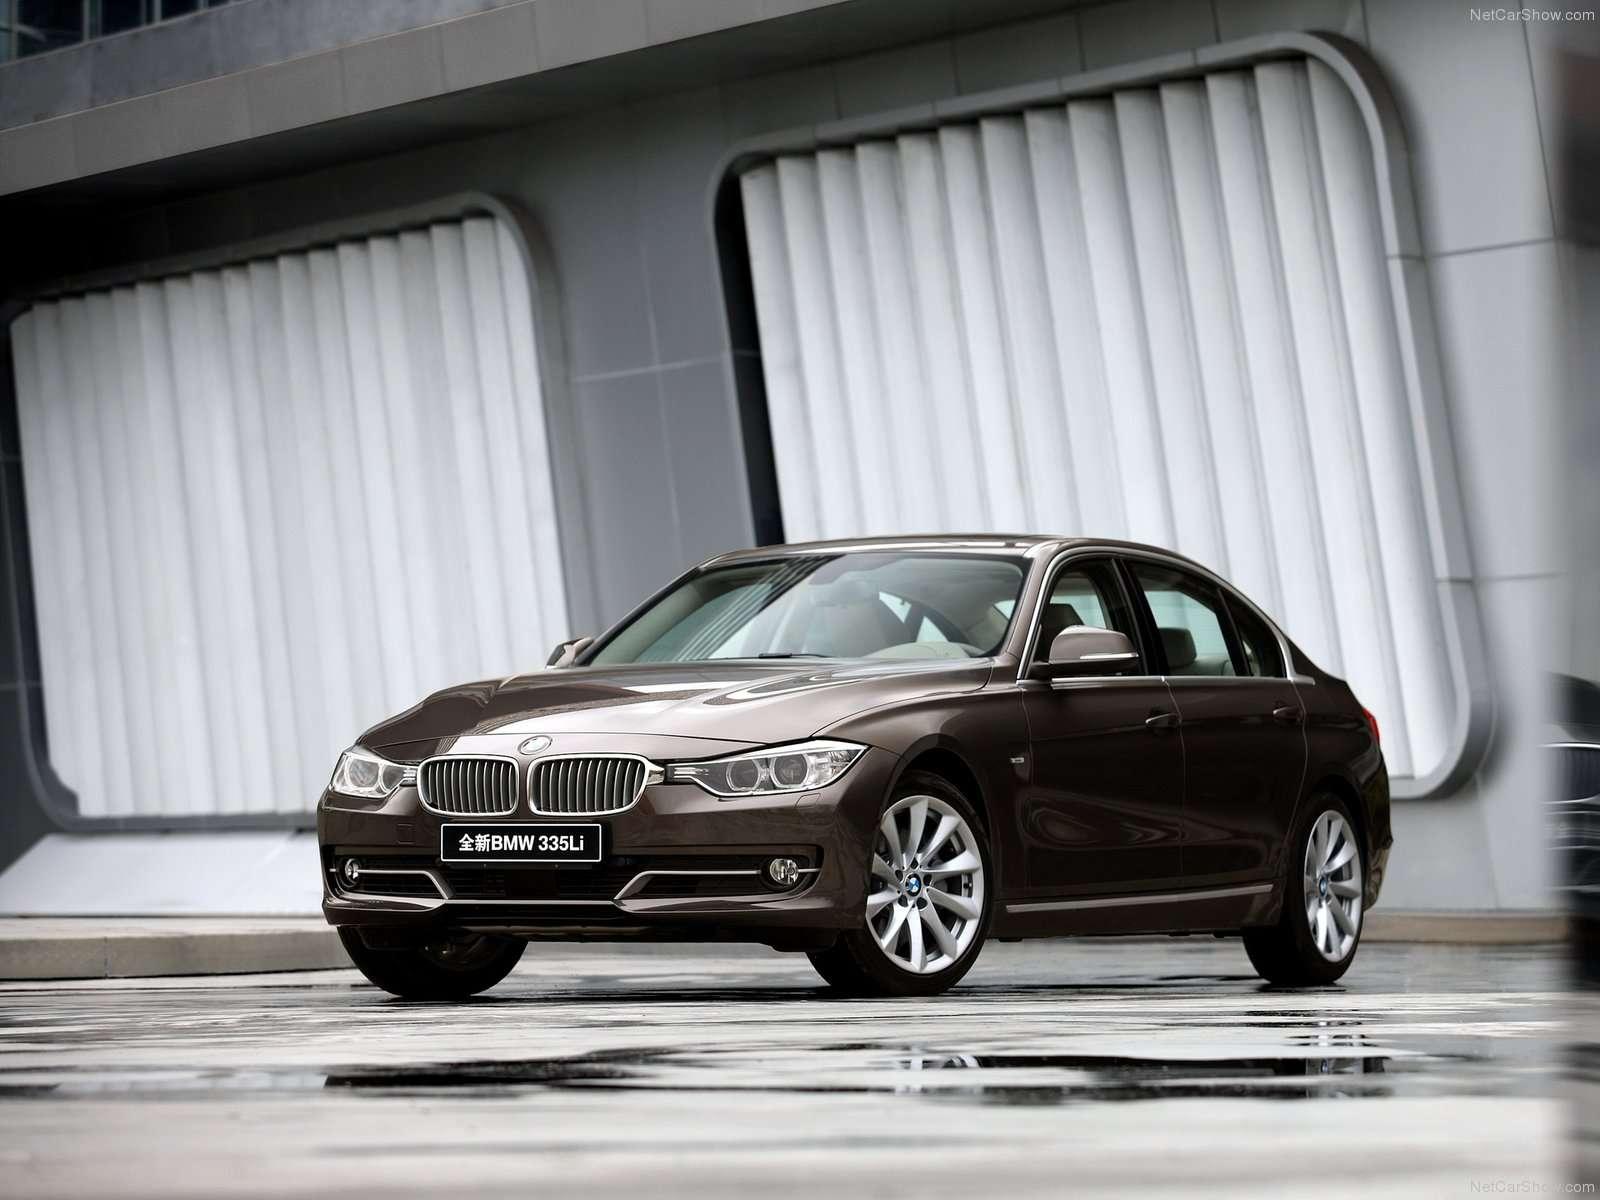 BMW 3 Series Wallpaper 030